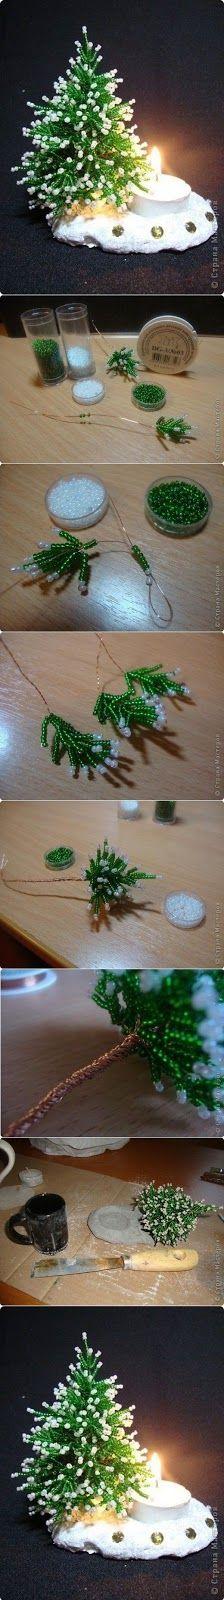 beading christmas tree DIY